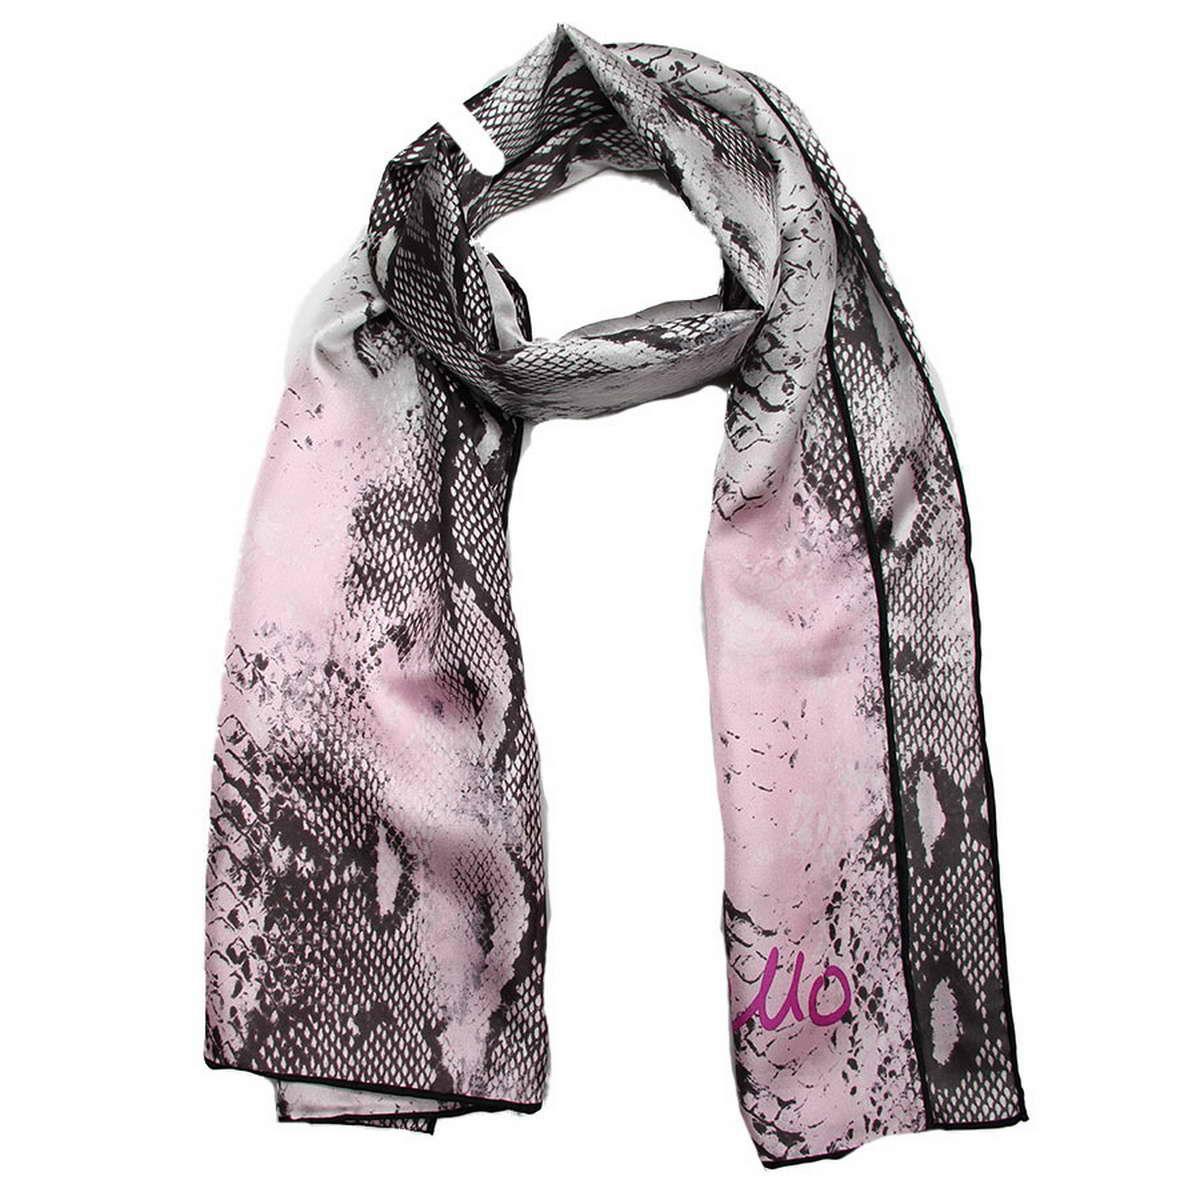 4900471-2Стильный шарф Codello согреет вас в прохладную погоду и станет достойным завершением вашего образа. Шарф изготовлен из натурального шелка и оформлен оригинальным анималистическим принтом. Такой шарф красиво драпируется, а так же превосходно дополнит любой ваш наряд и подчеркнет изысканный вкус.